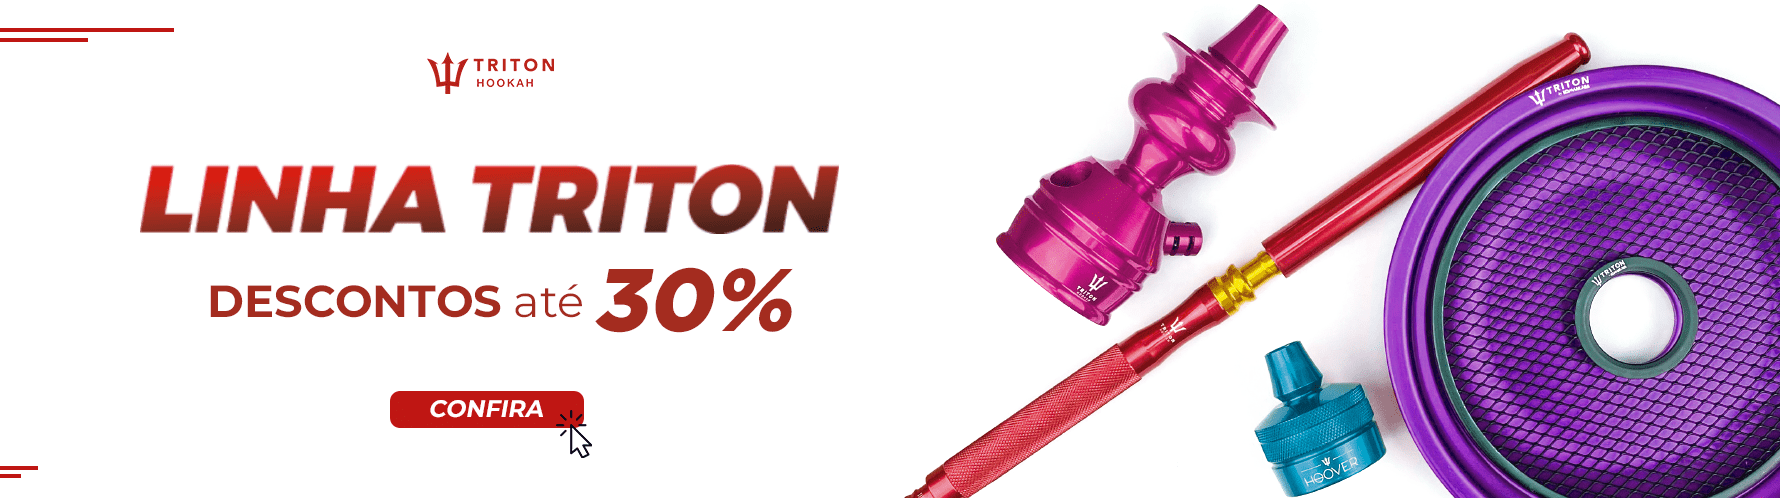 Triton 30% off